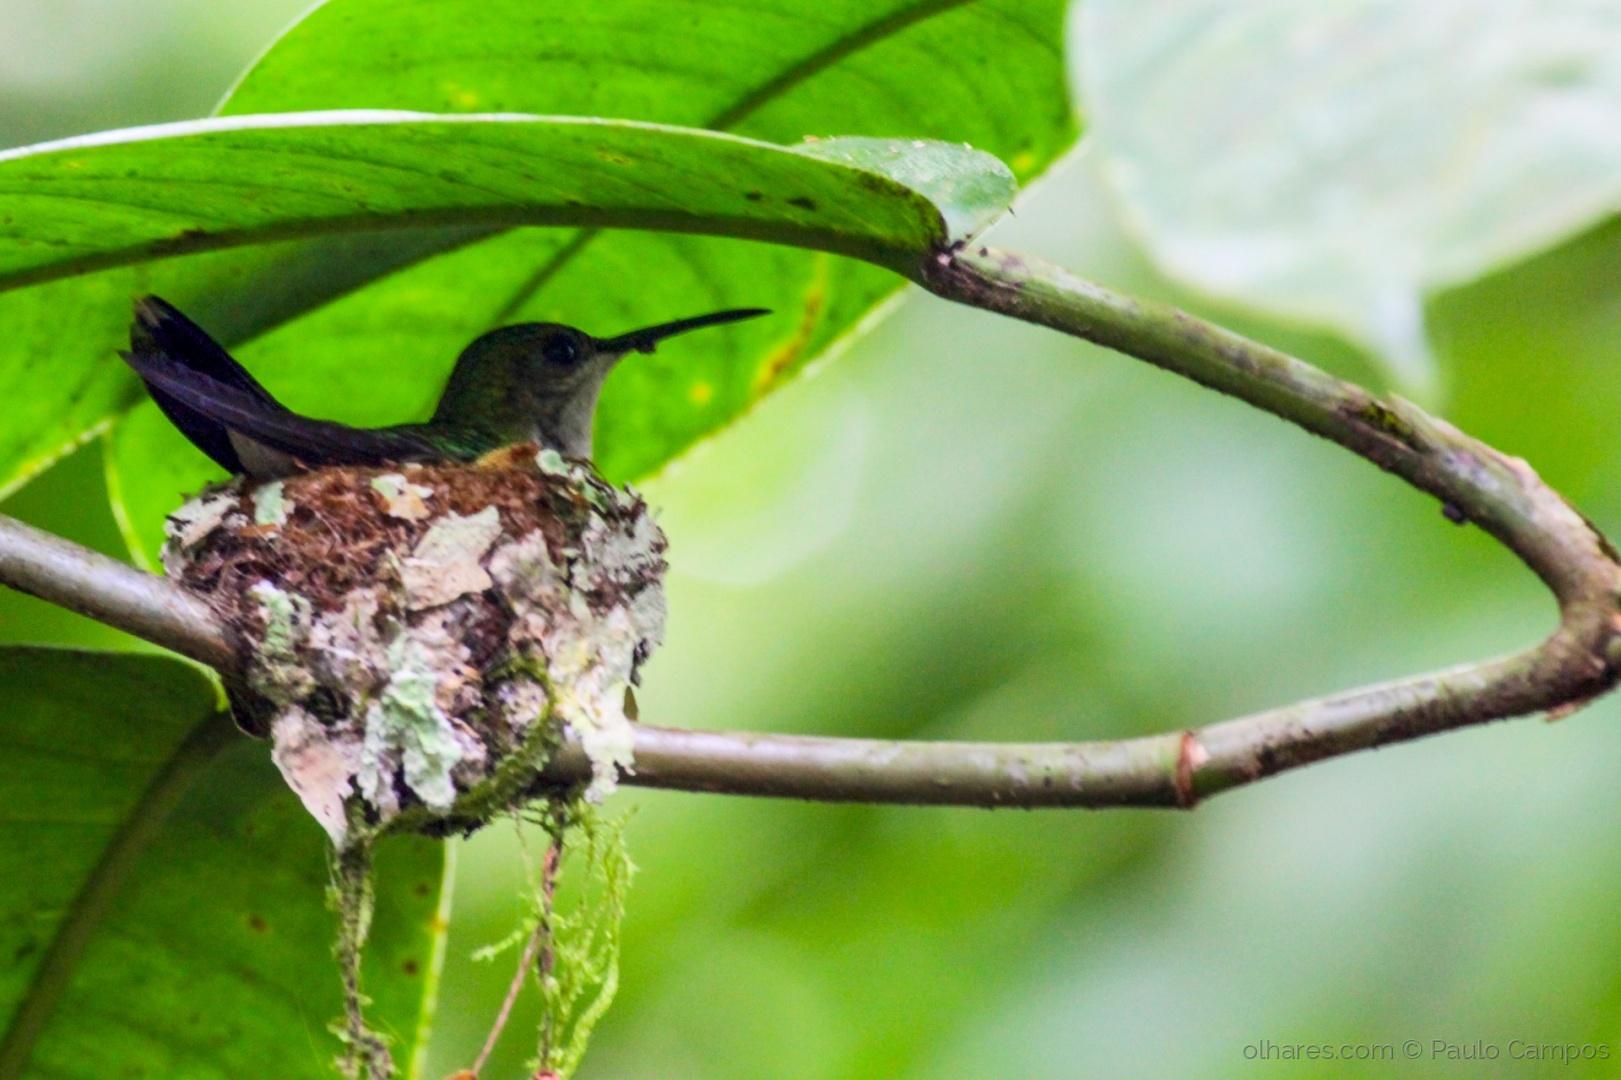 Animais/Beija-flor no ninho